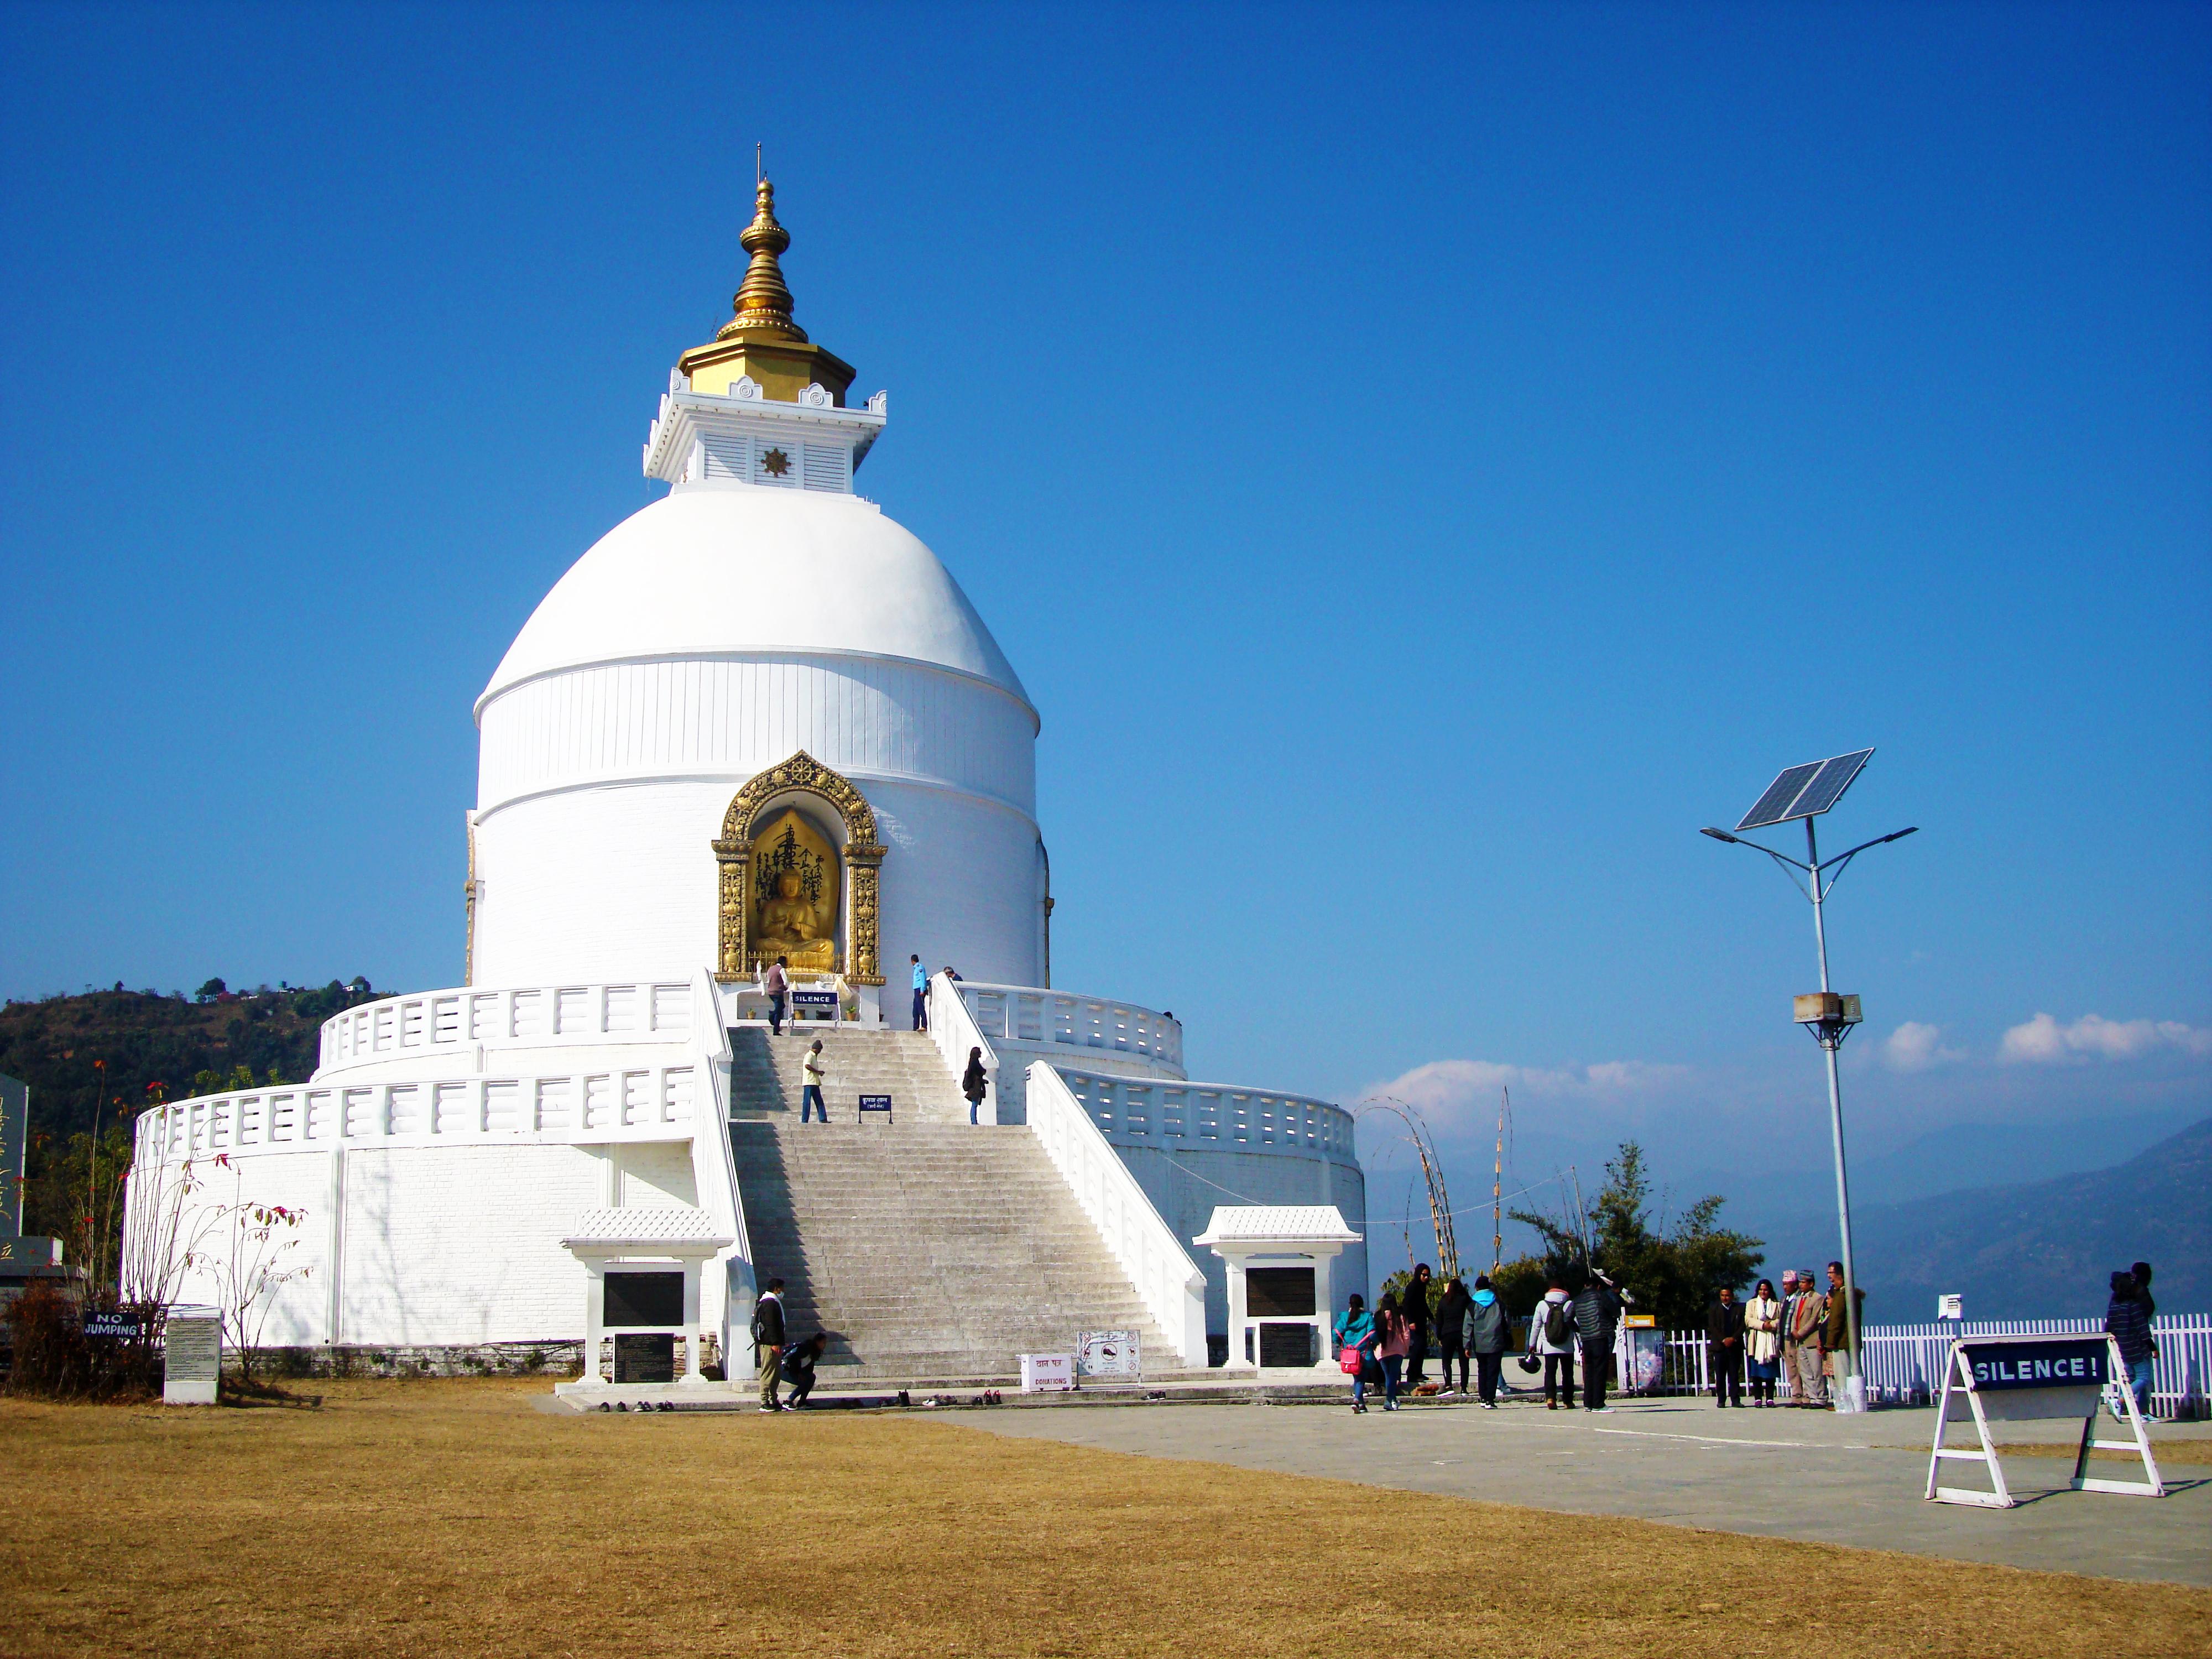 The World Peace Pagoda